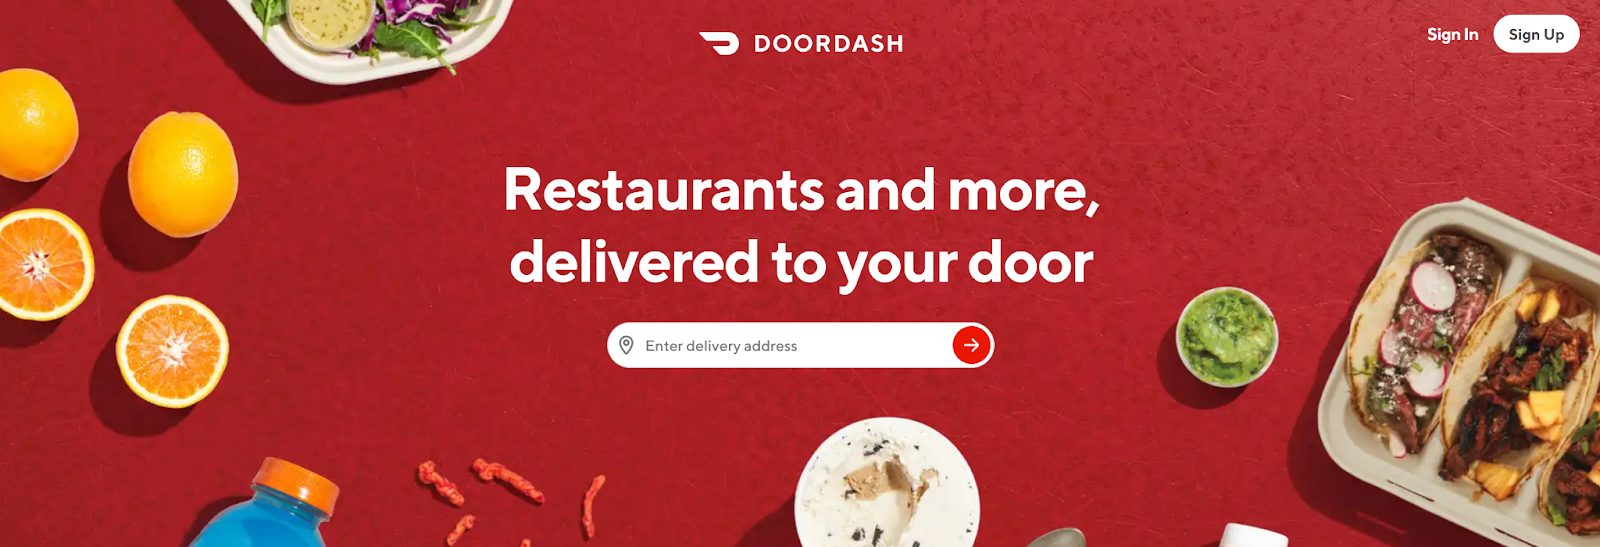 DoorDash Email Marketing Landing Page